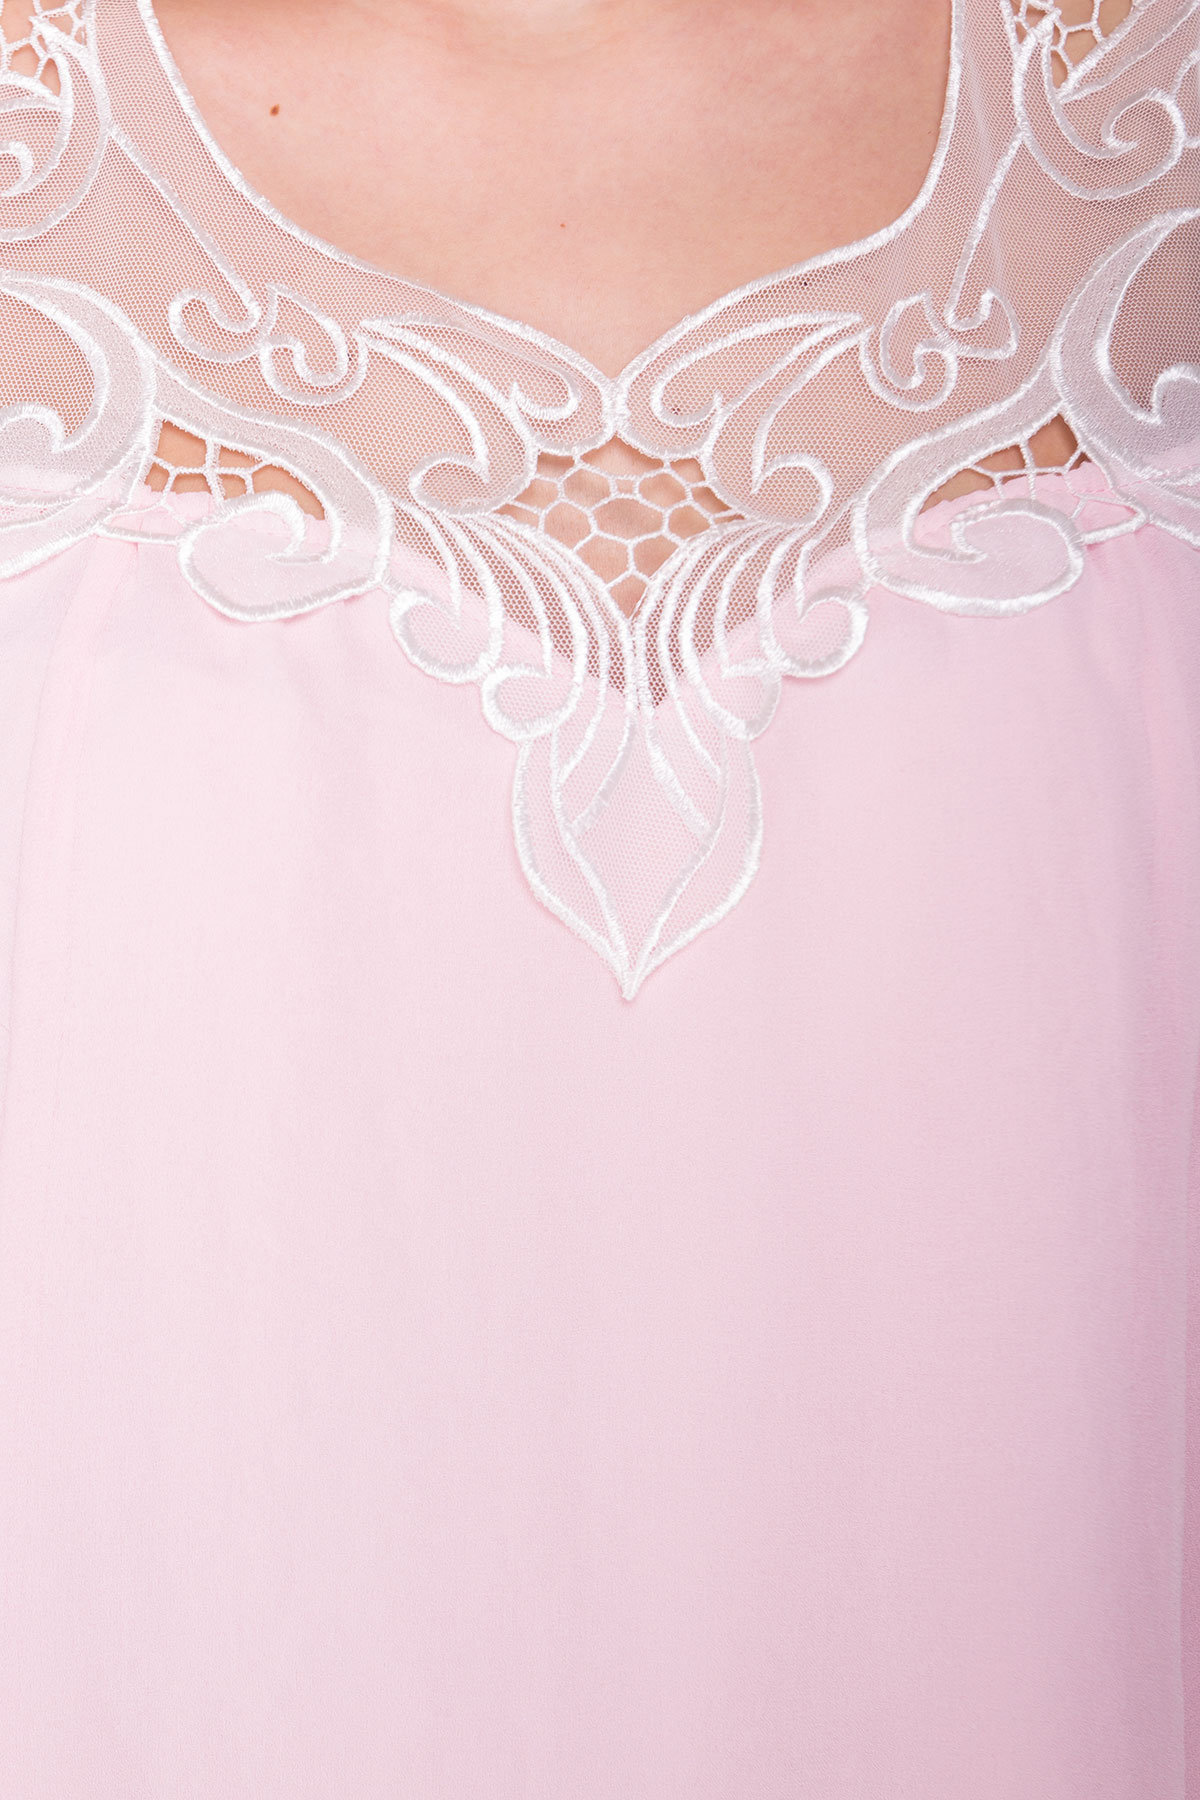 Платье Альбина 3110 АРТ. 16102 Цвет:  Розовый Светлый - фото 9, интернет магазин tm-modus.ru